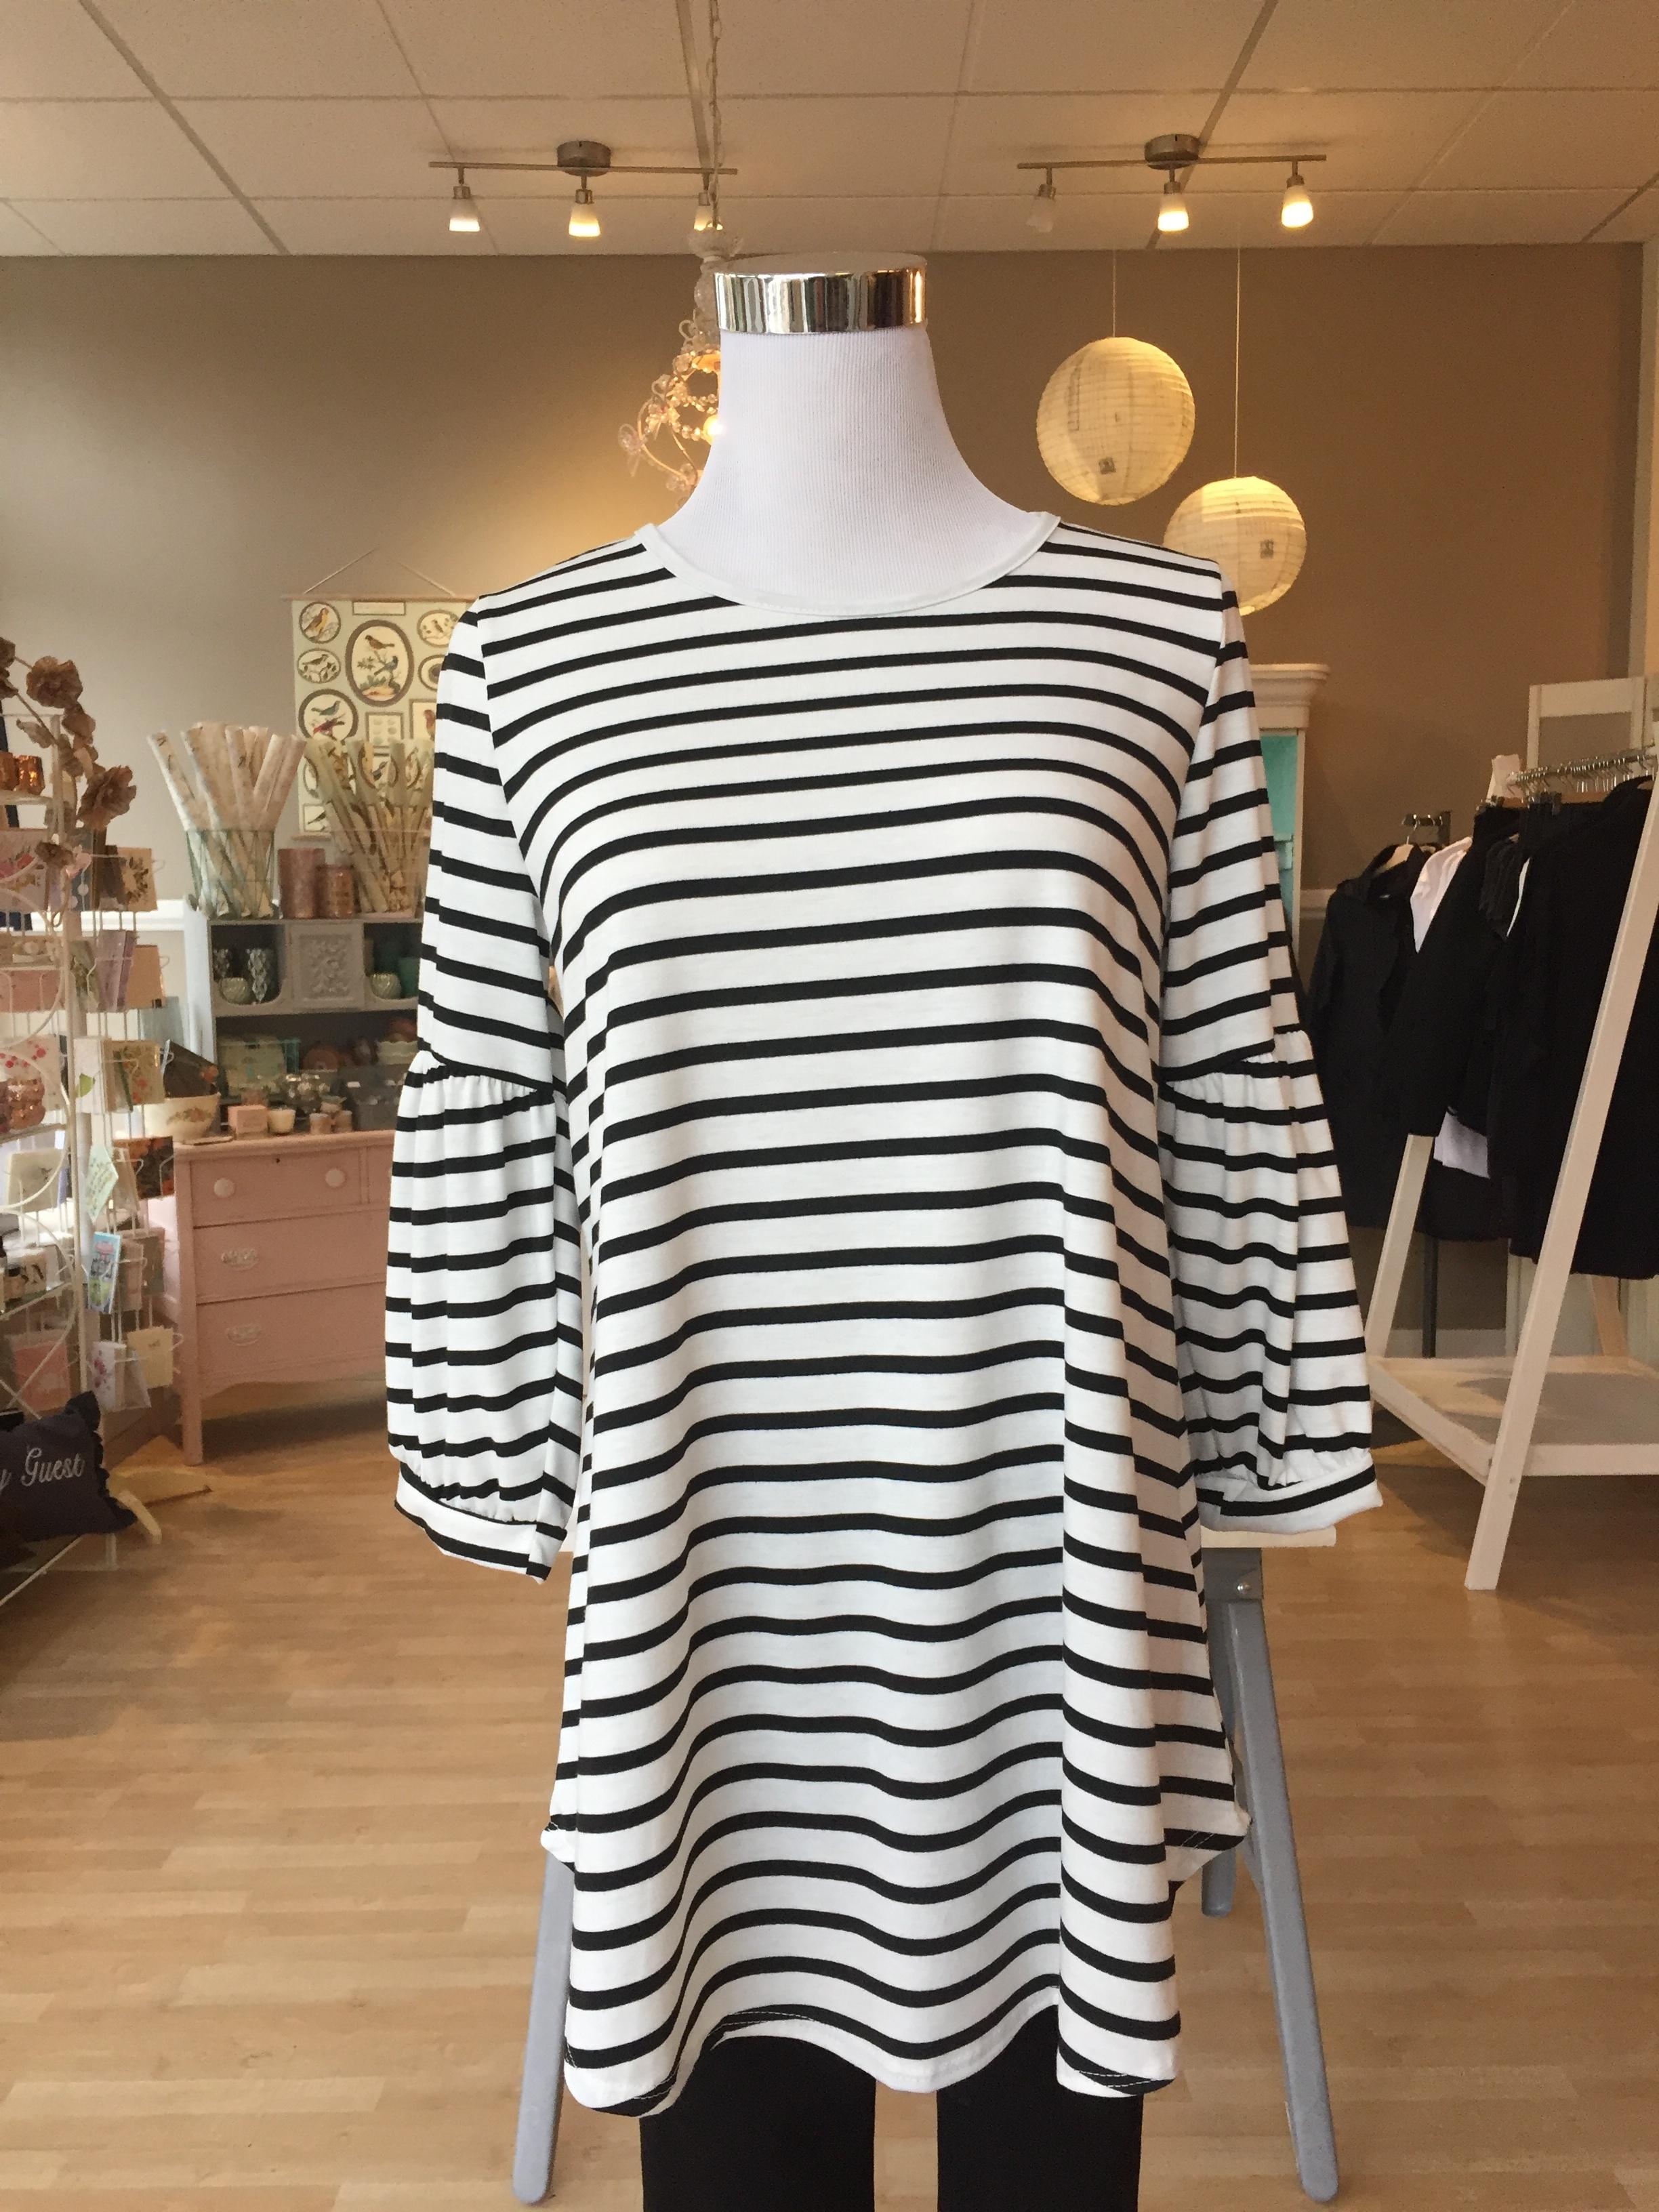 Stripe Bell Sleeve Top $38 (pink, black)